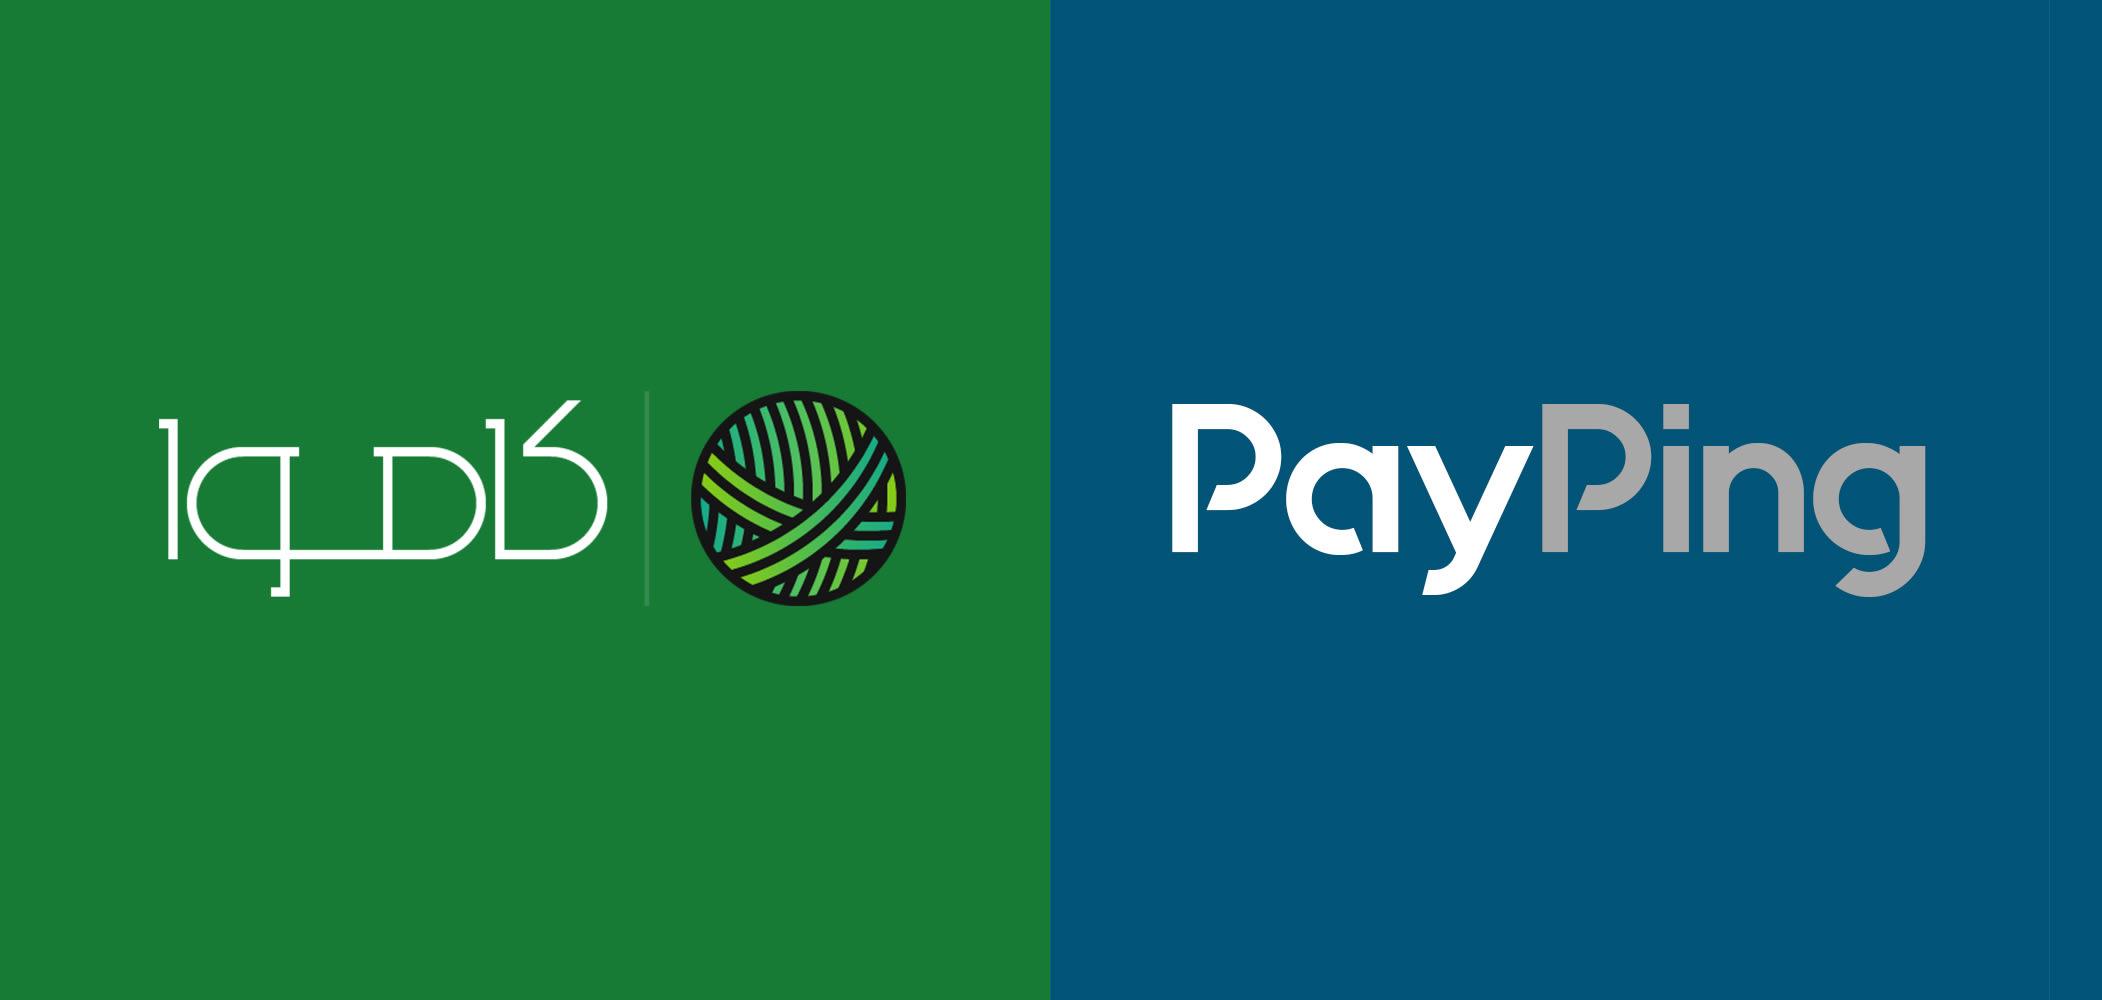 پیپینگ به درگاههای بانکی فروشگاه ساز کاموا اضافه شد